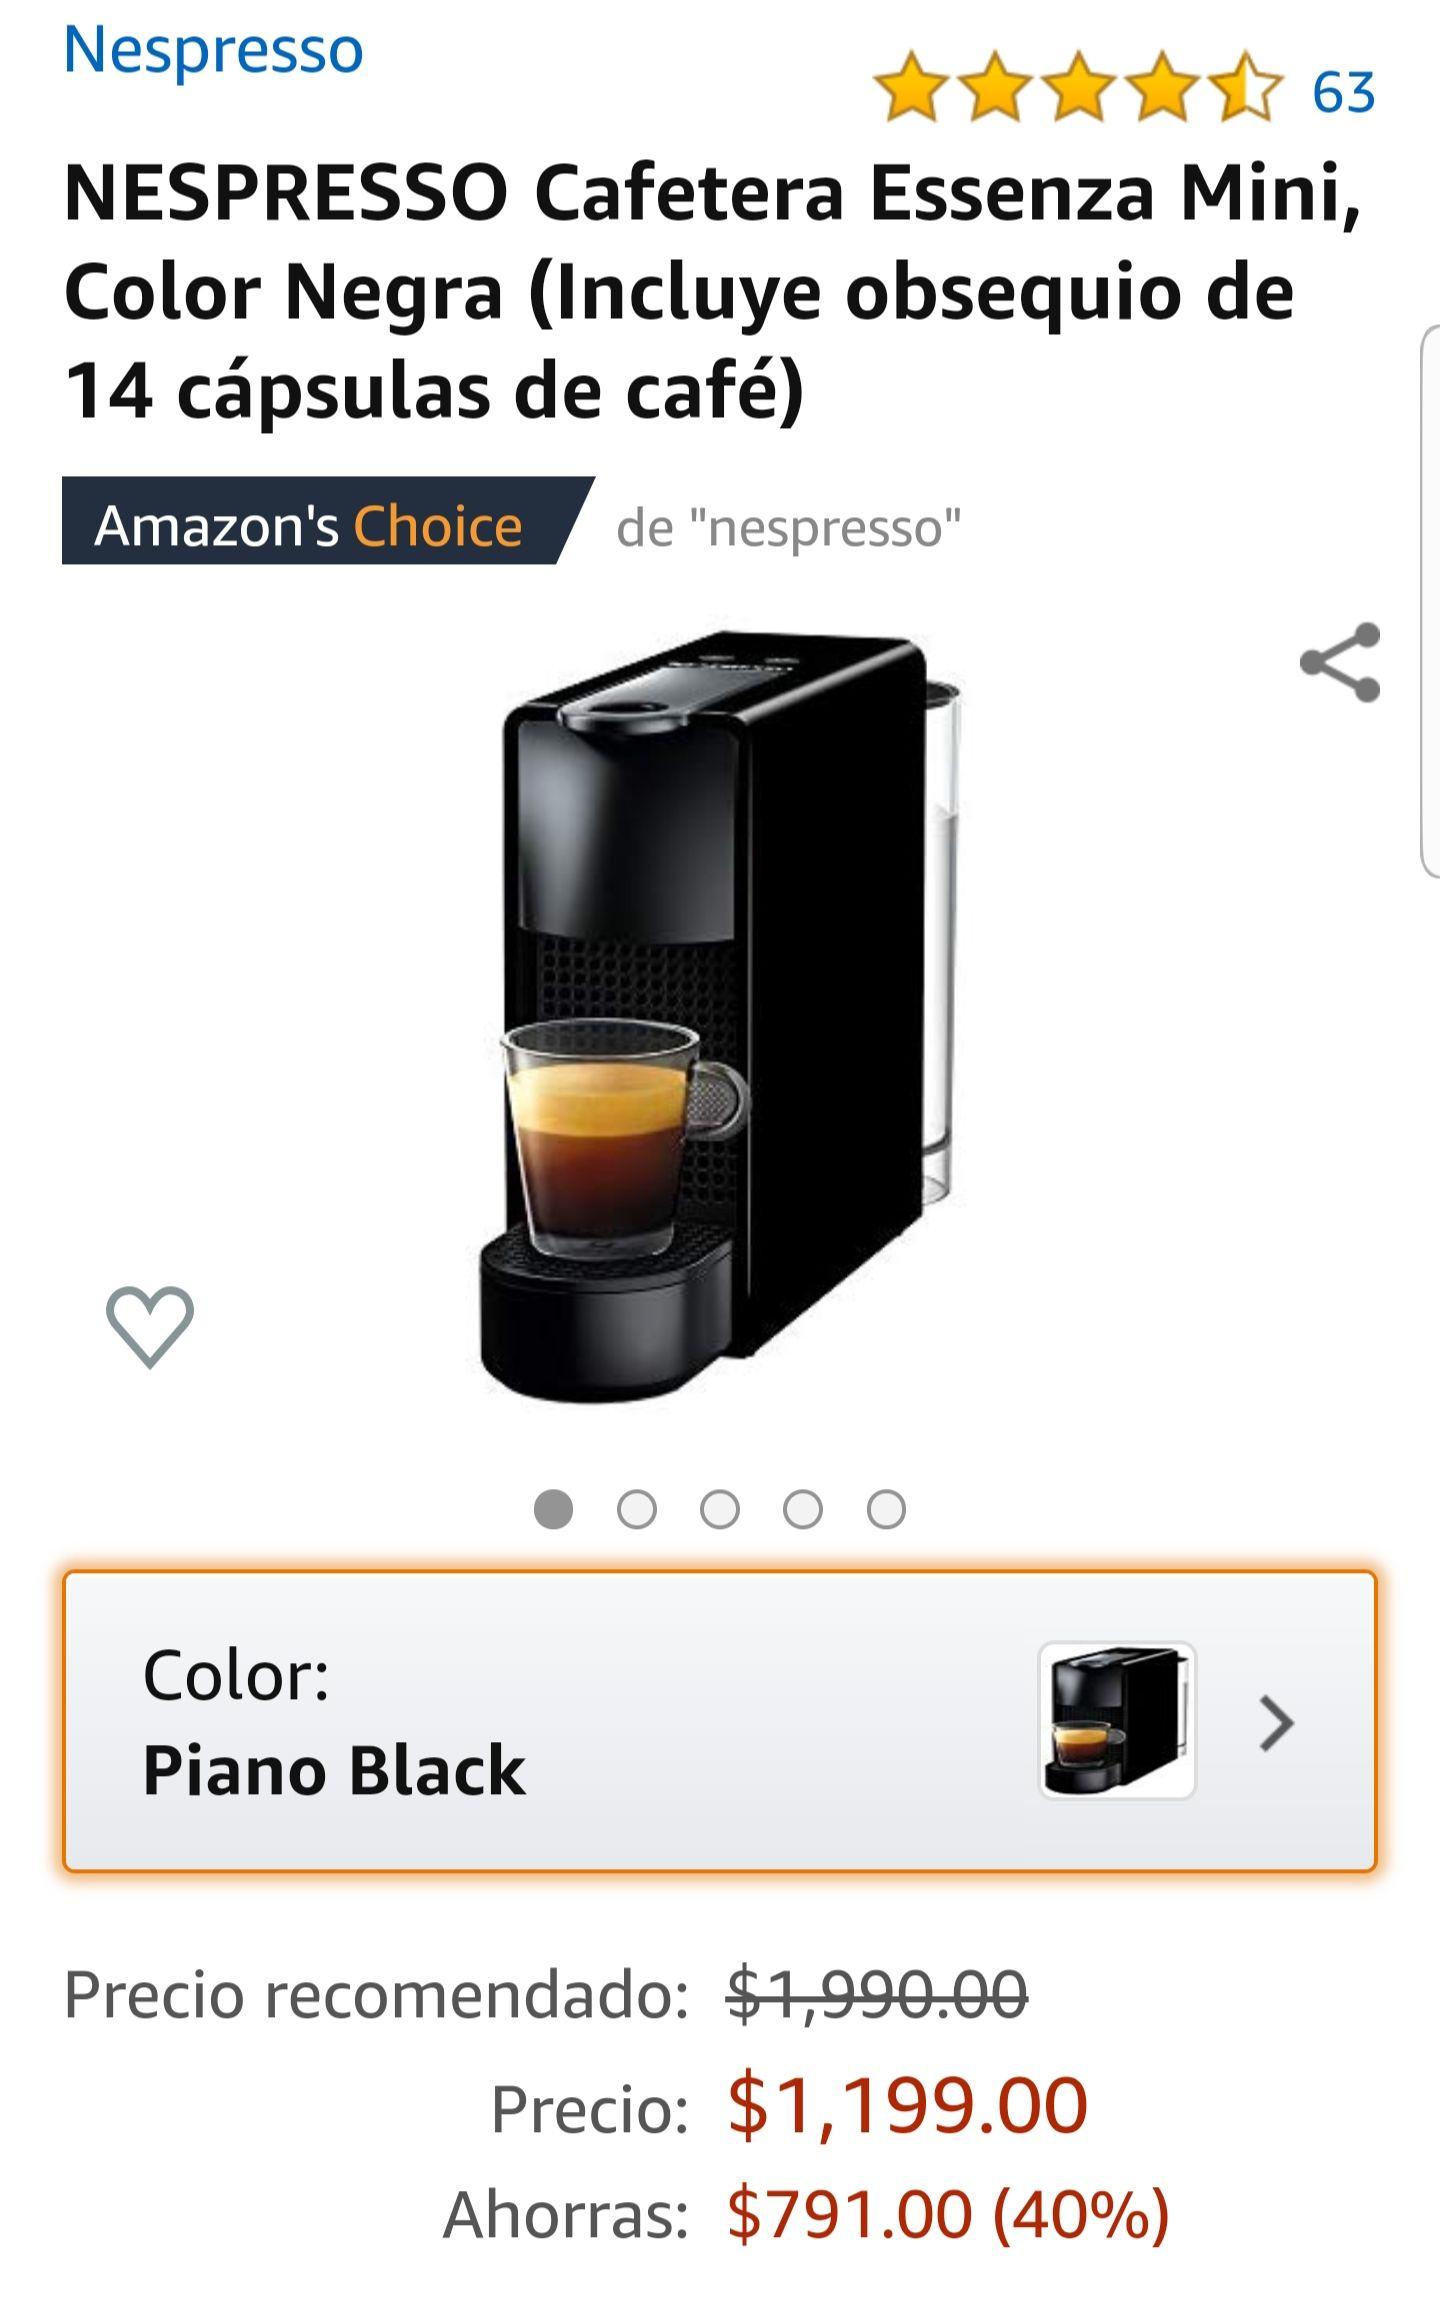 Amazon: NESPRESSO Cafetera Essenza Mini